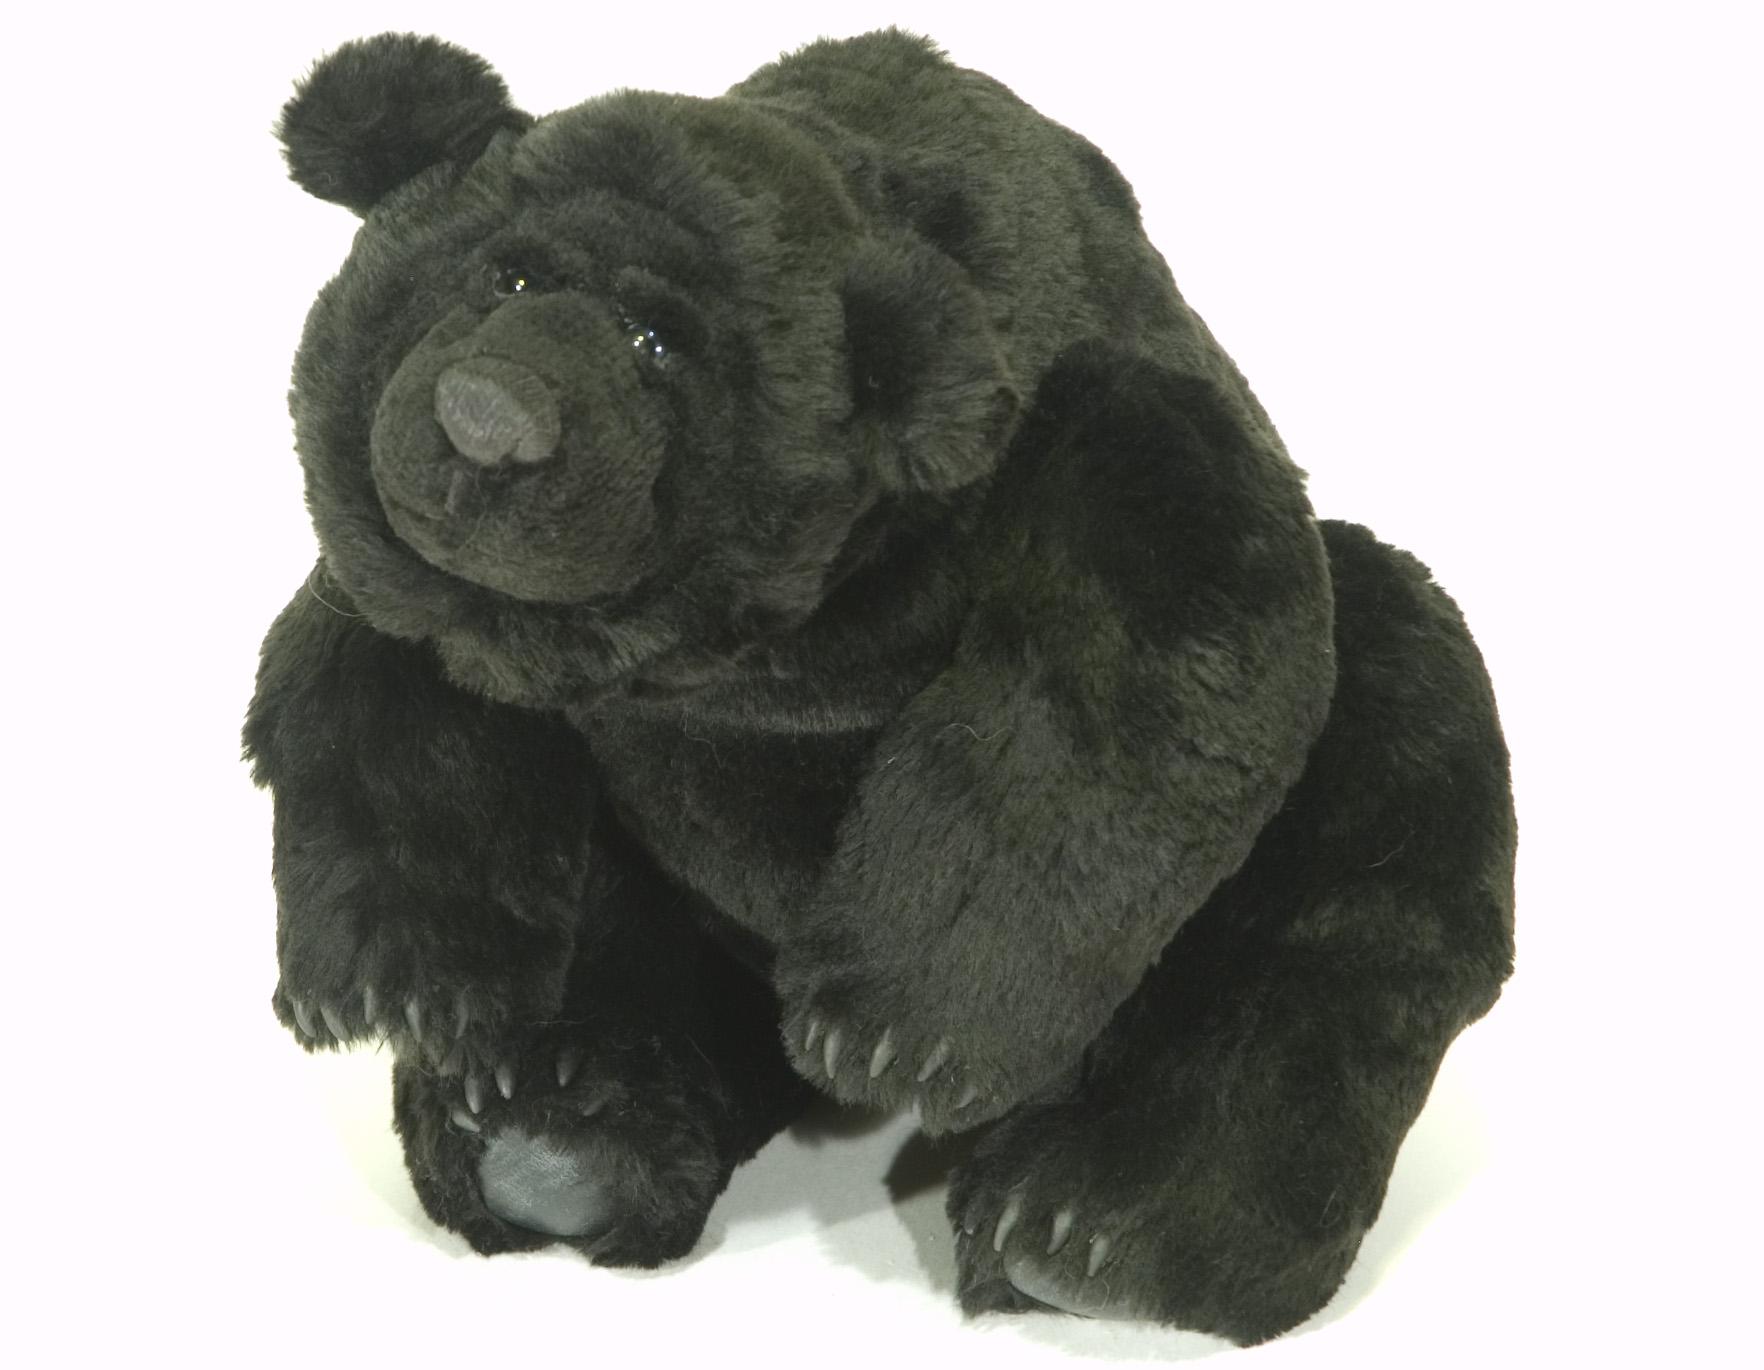 Richard bear